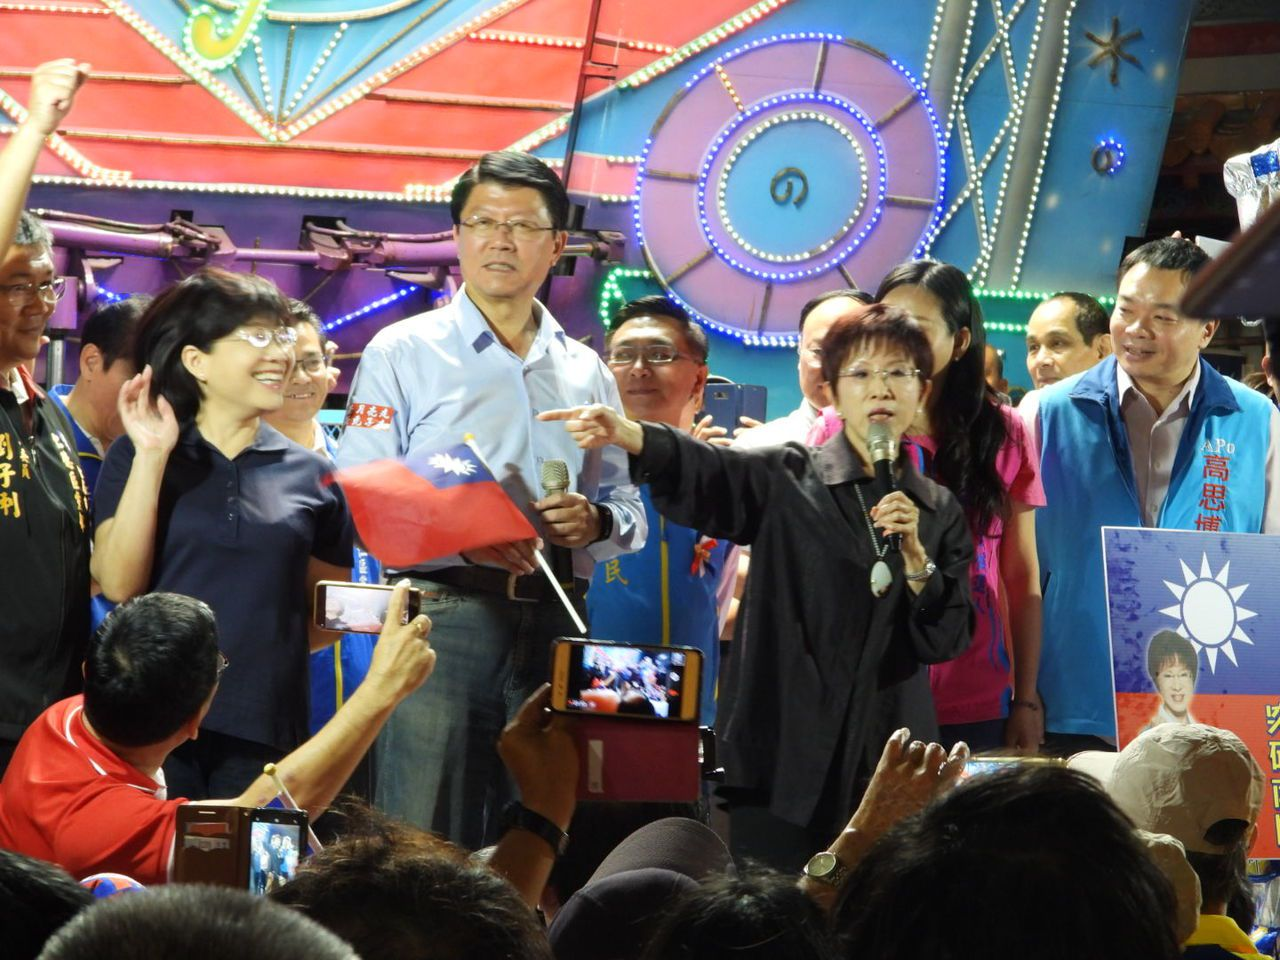 洪秀柱到台南造勢火力全開,批評蔡英文不顧別人家的孩子死活。記者周宗禎/攝影